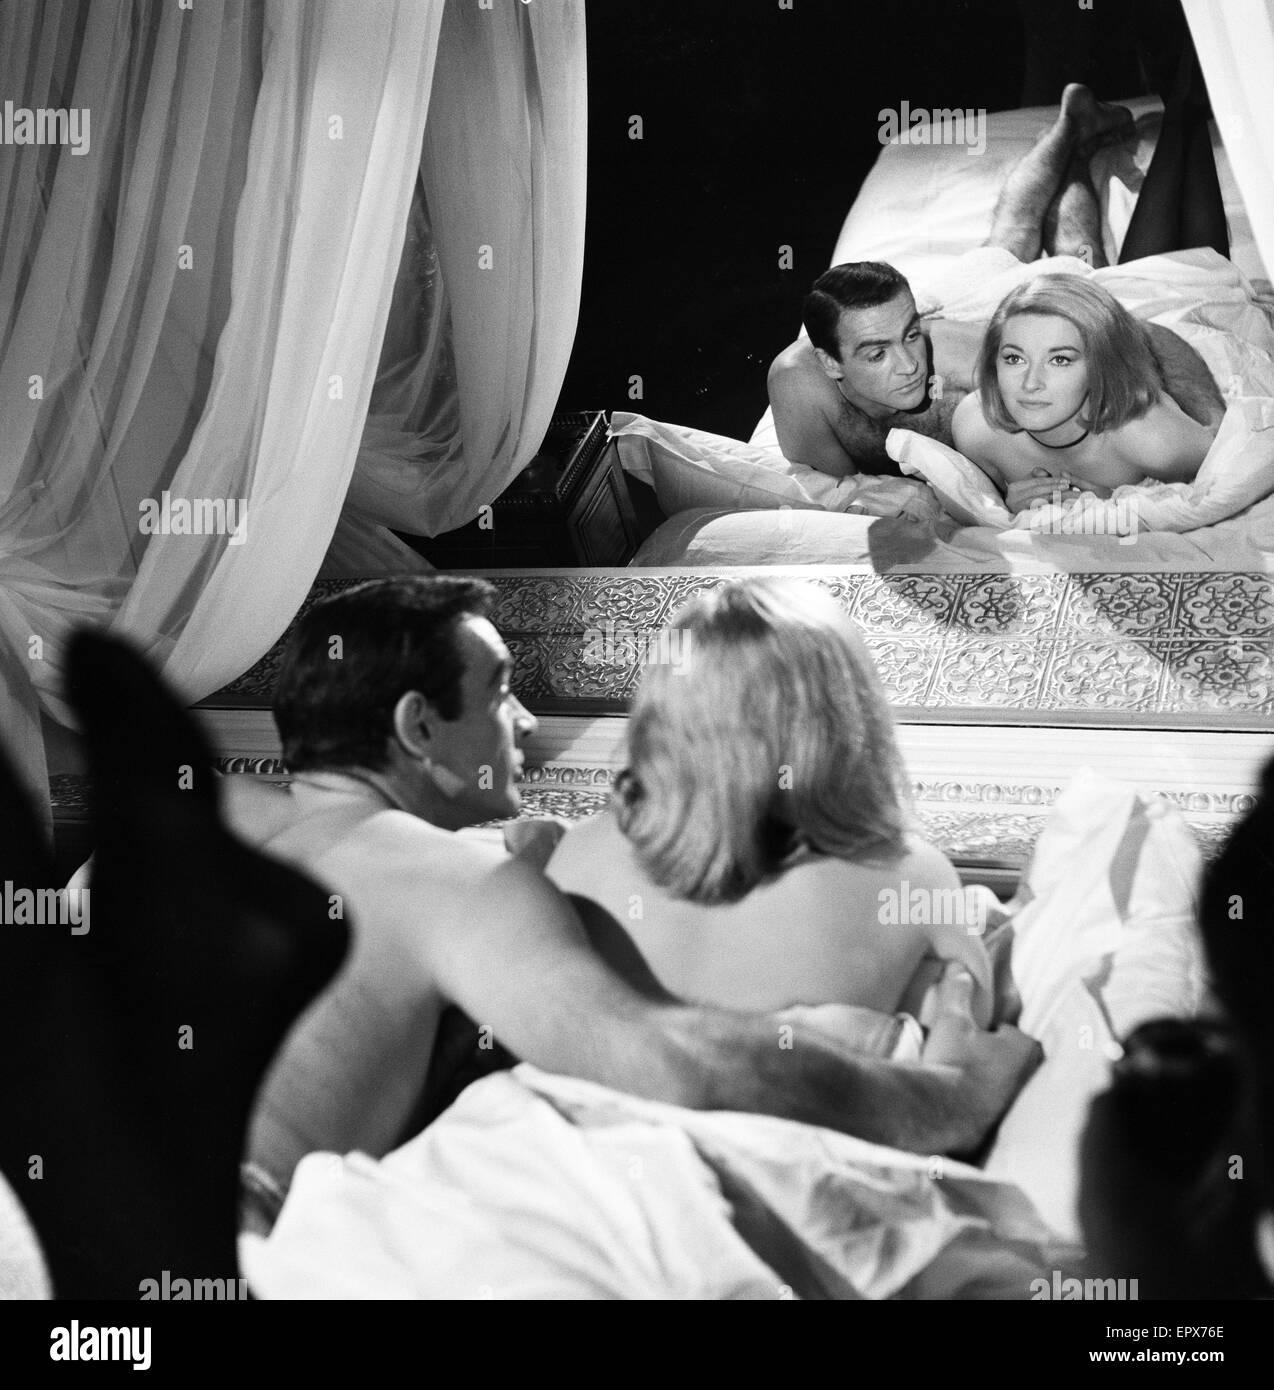 Sean Connery comme James Bond avec l'actrice Daniela Bianchi comme Tatiana Romanova dans la scène du film Photo Stock